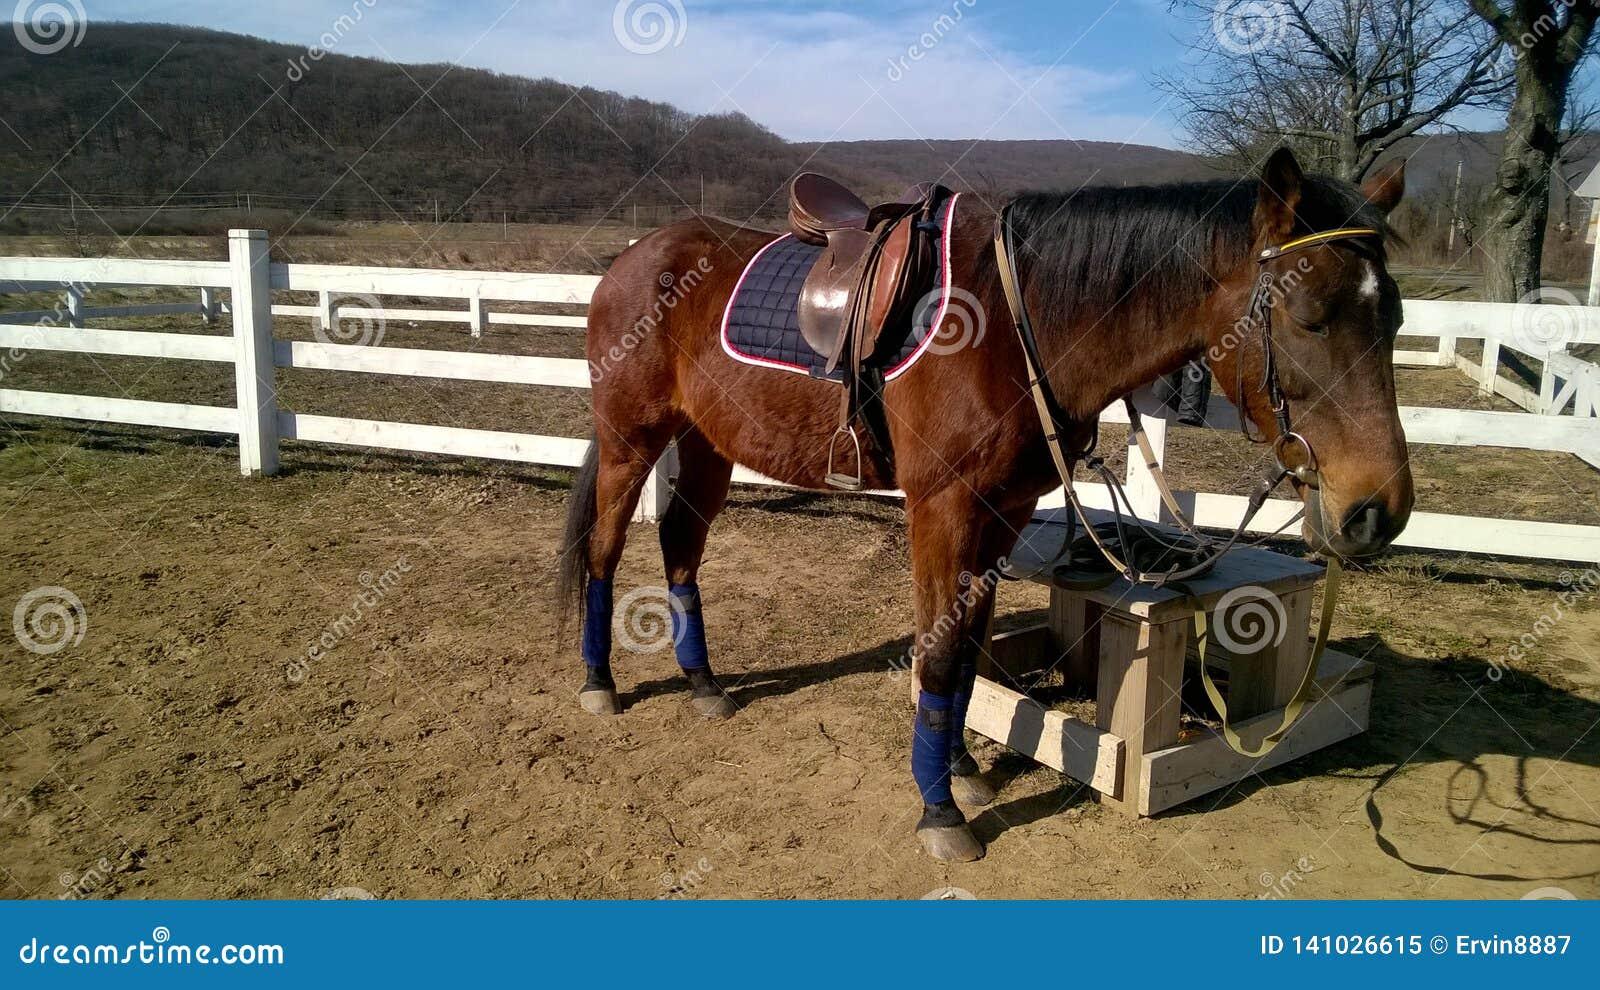 Лошадь спорта перед тренировкой ожидает всадника